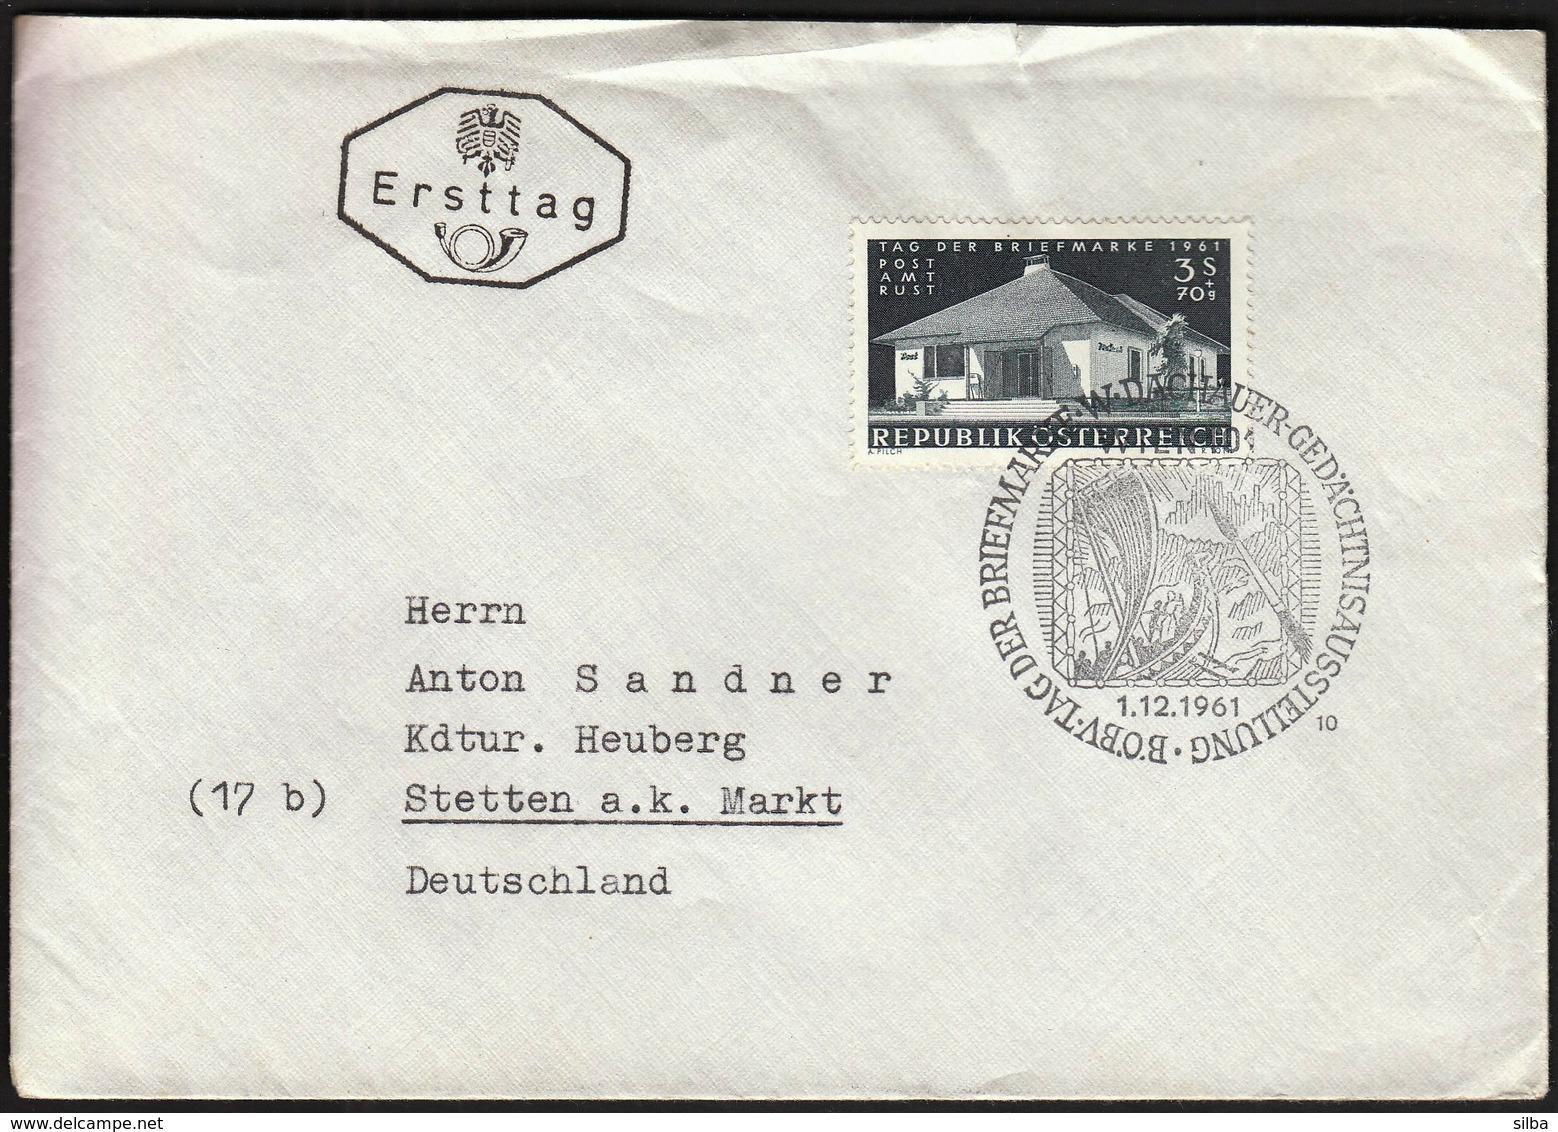 Austria Dachauer 1961 / Stamp Day / Tag Der Briefmarke / Philatelic Exhibition / Cancel No. 10 - Journée Du Timbre